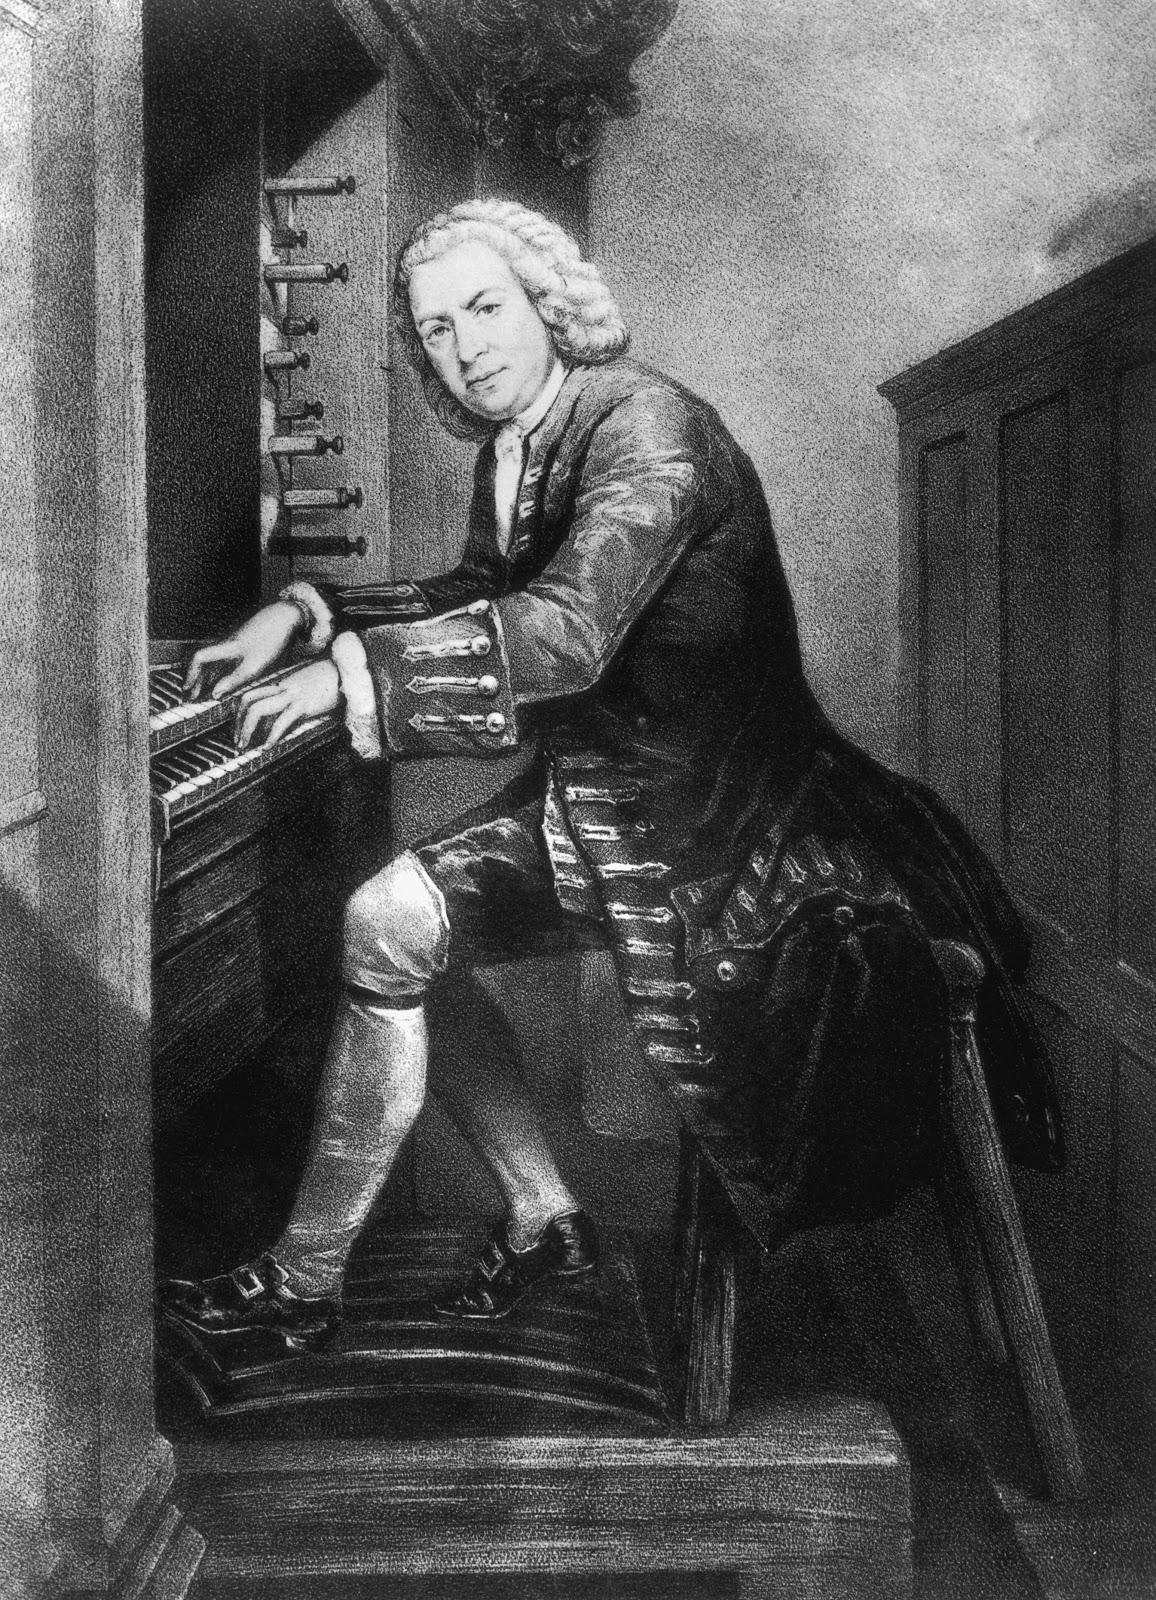 オルガンの席に着いたヨハン・セバスティアン・バッハの肖像